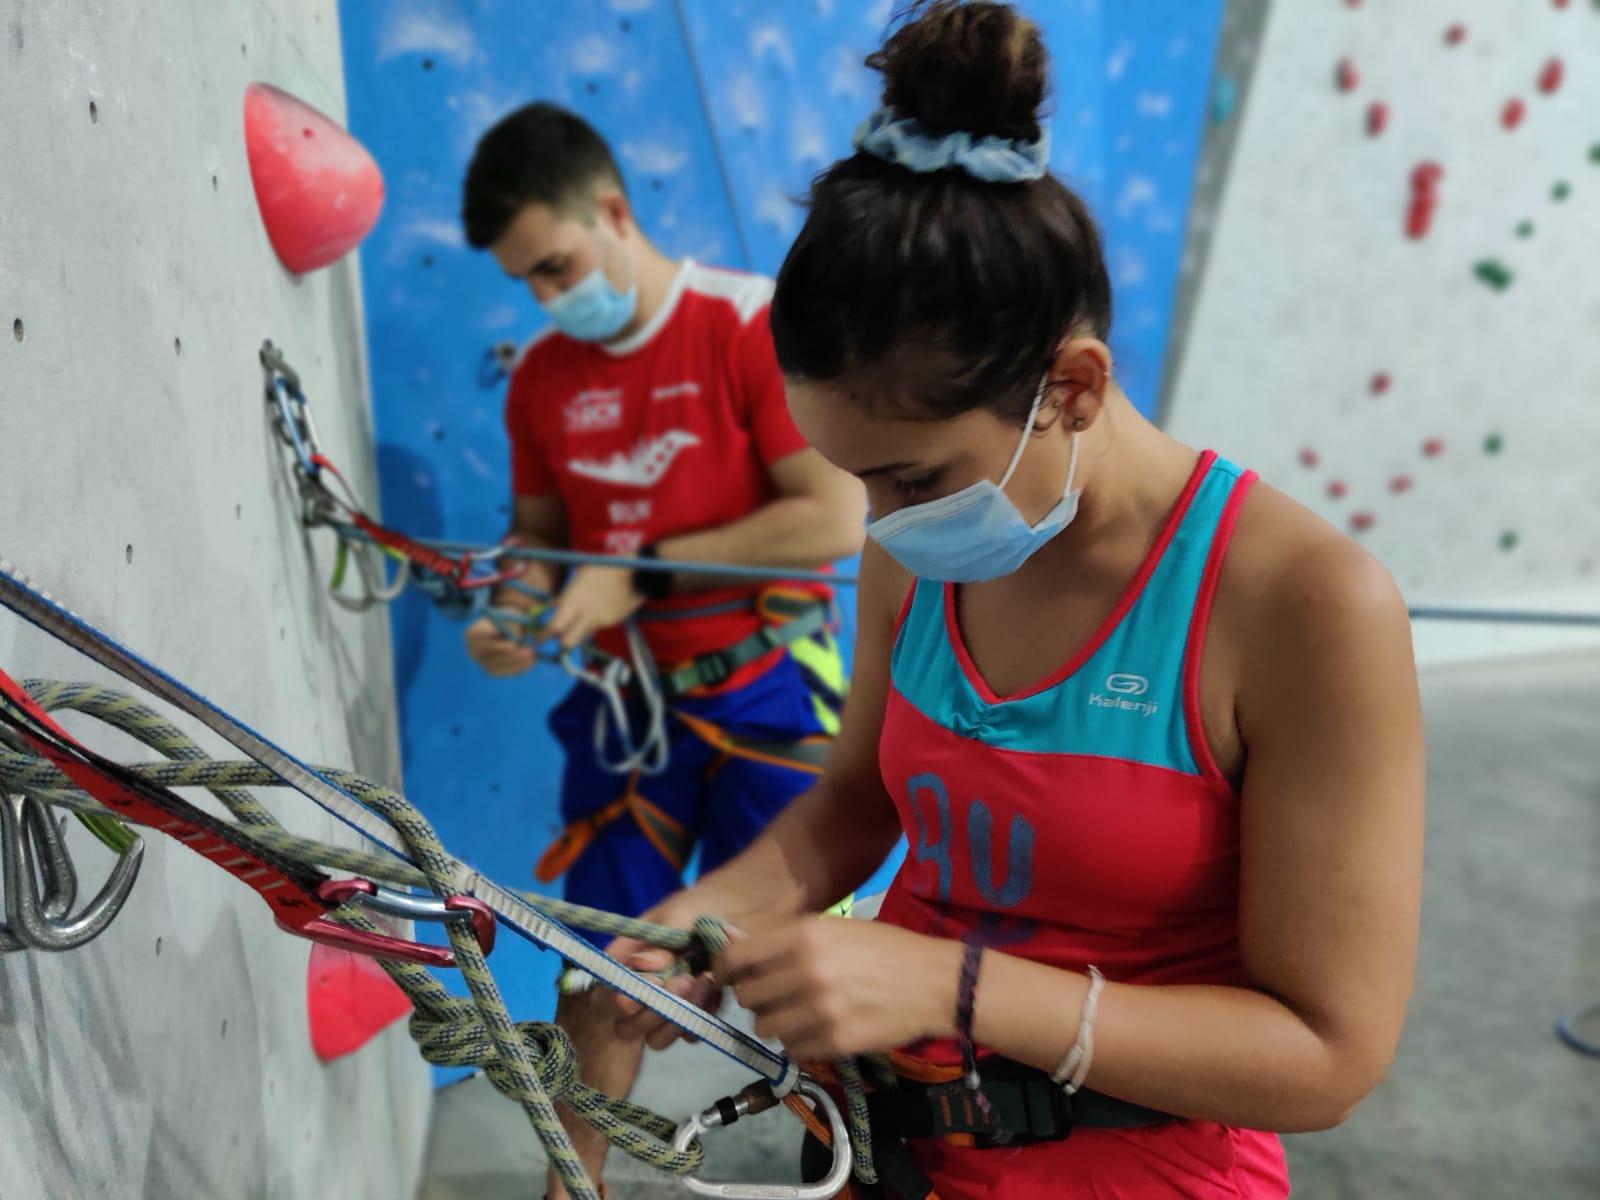 Miedo Y COVID-19: ¿Es Seguro Ir A Escalar A Un Centro Indoorwall?